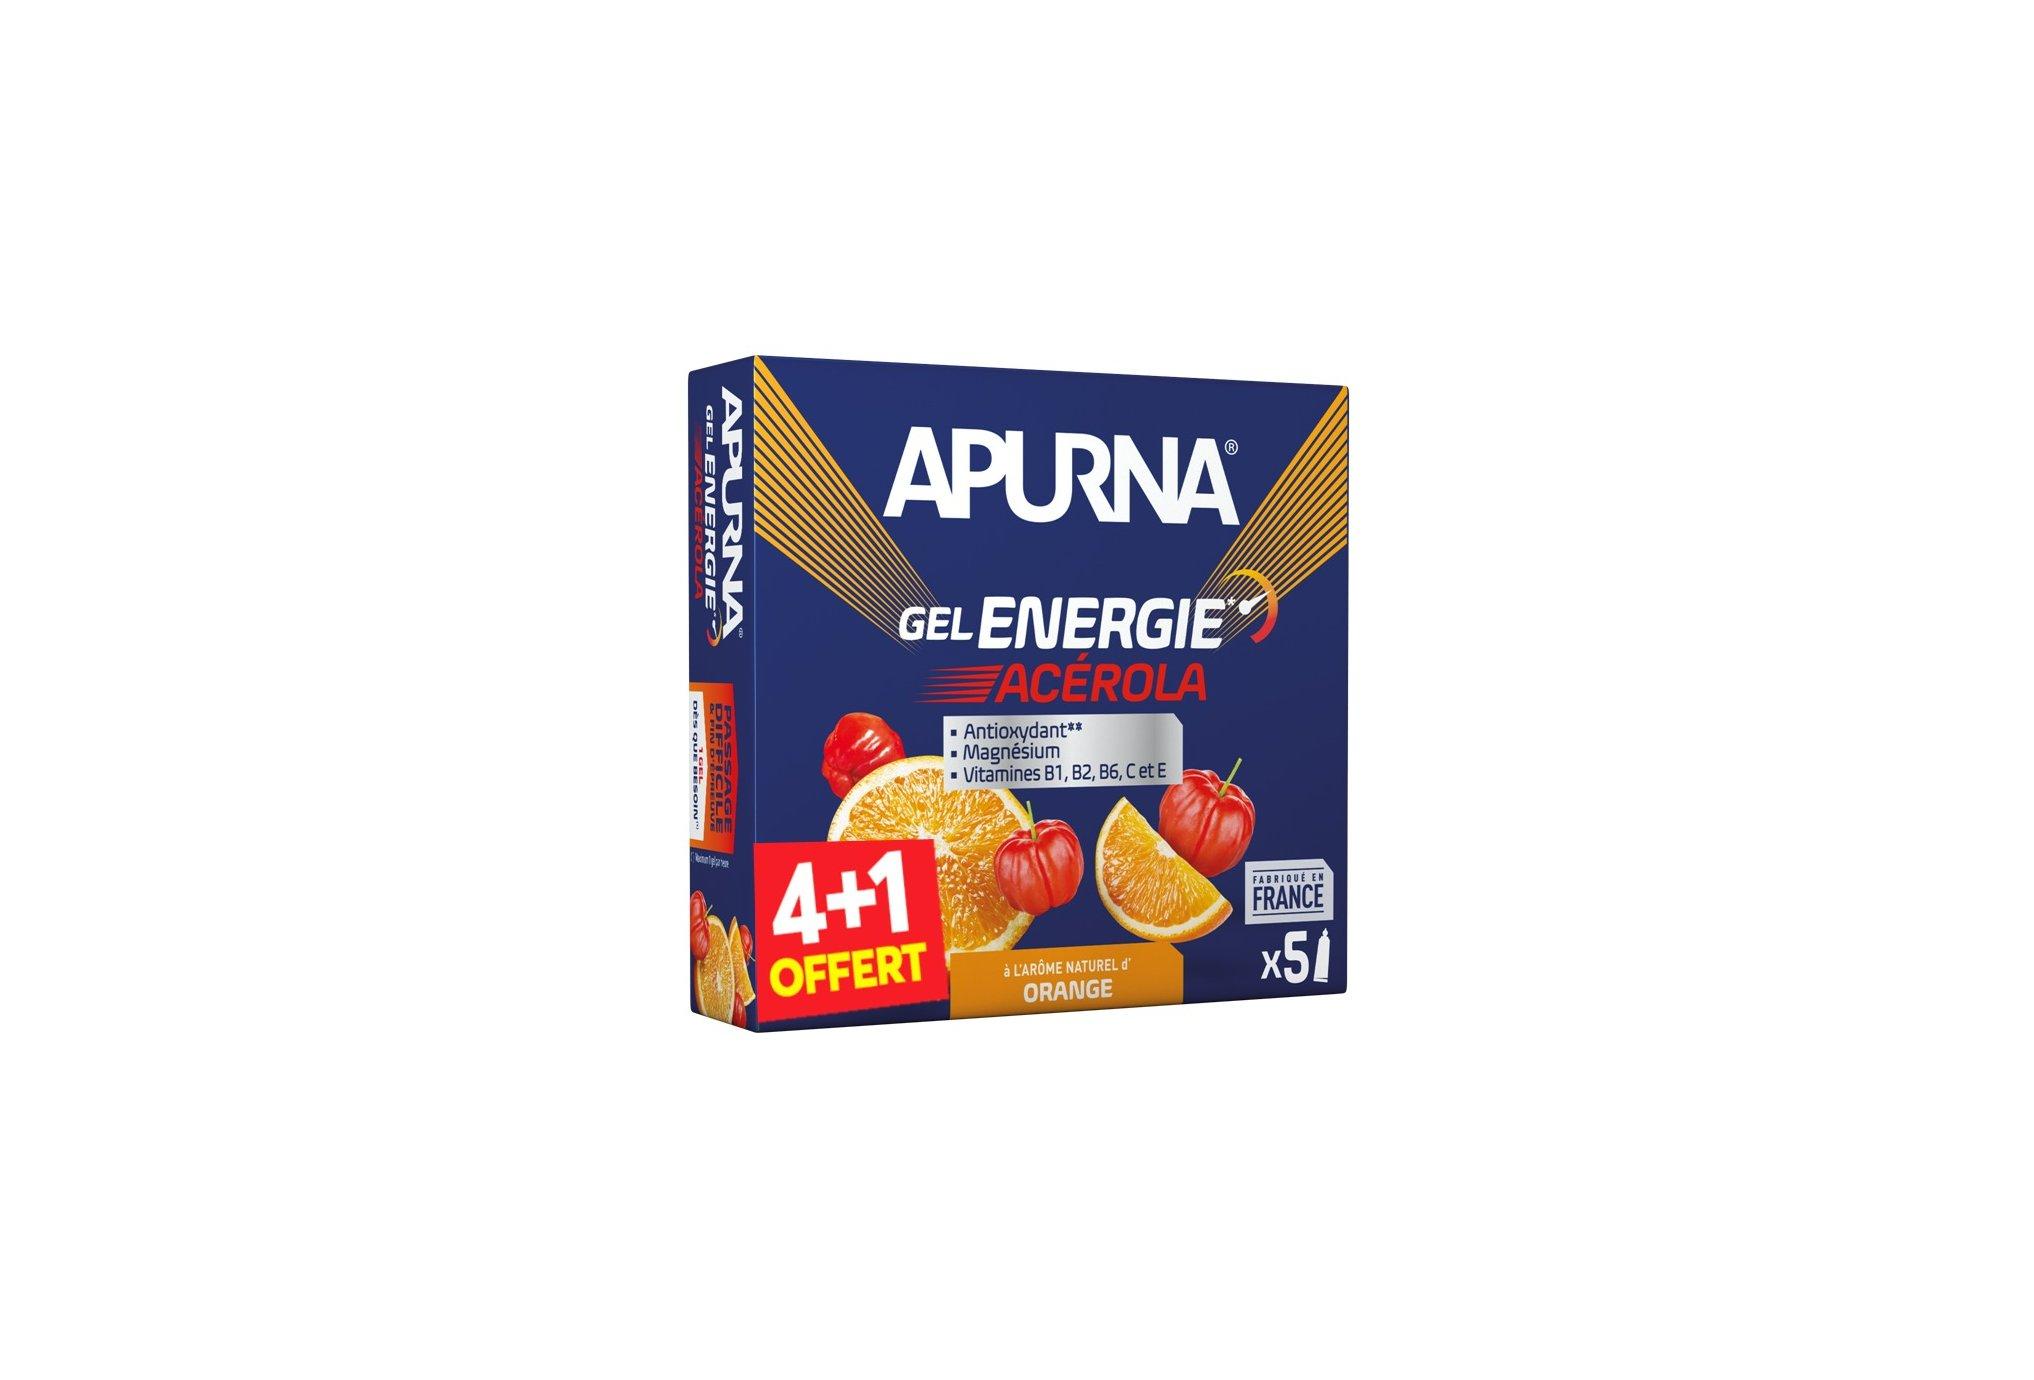 Apurna Pack de Geles energéticos Energie Acerola 4+1 Diététique Gels